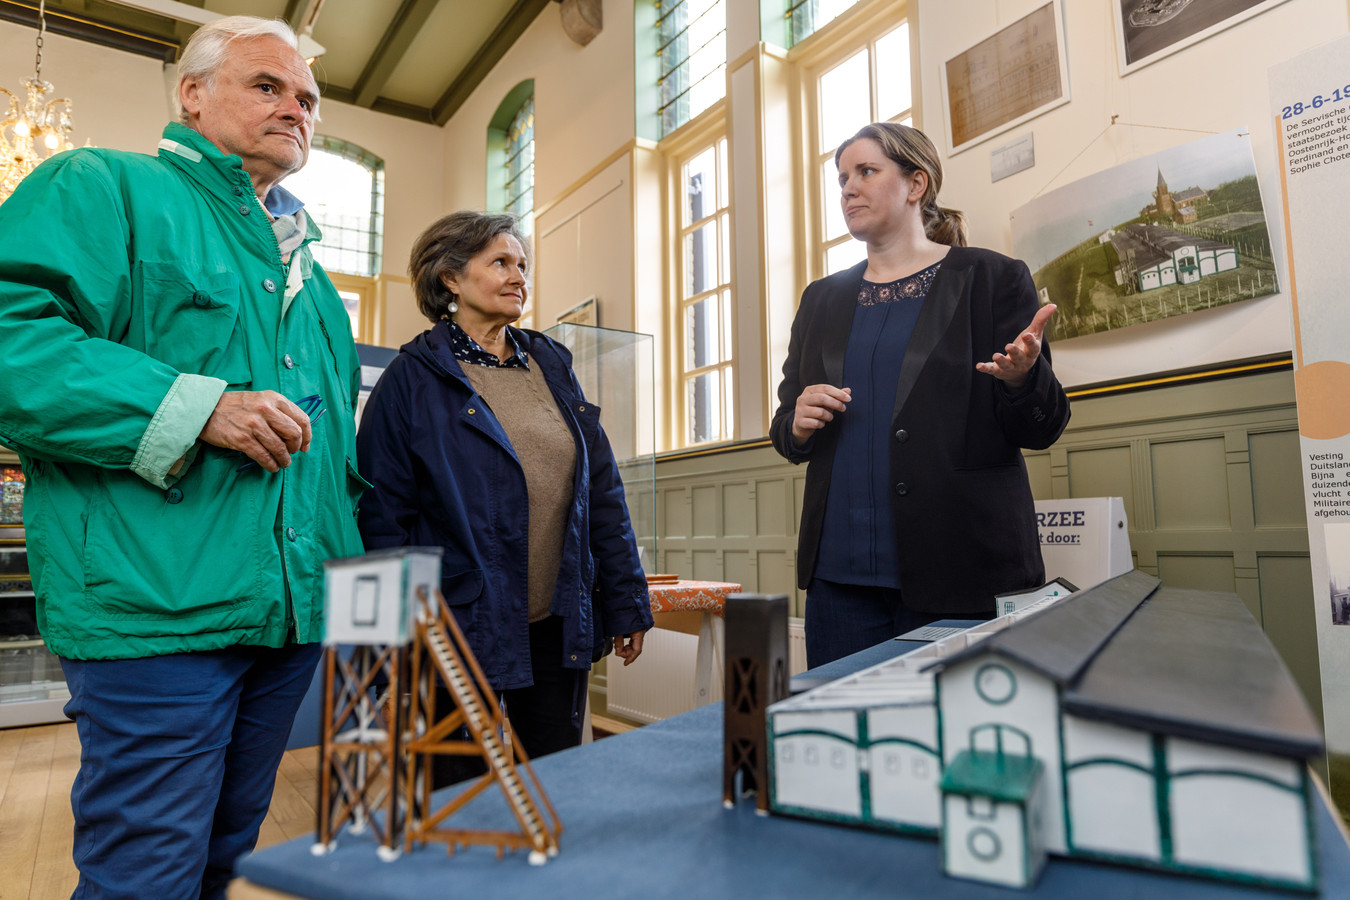 Aymar d'Humières (links) en zijn vrouw bij de maquette van het interneringskamp. Rechts Mandy van Dijk, samensteller van de tentoonstelling 'Elba in de Zuiderzee'.